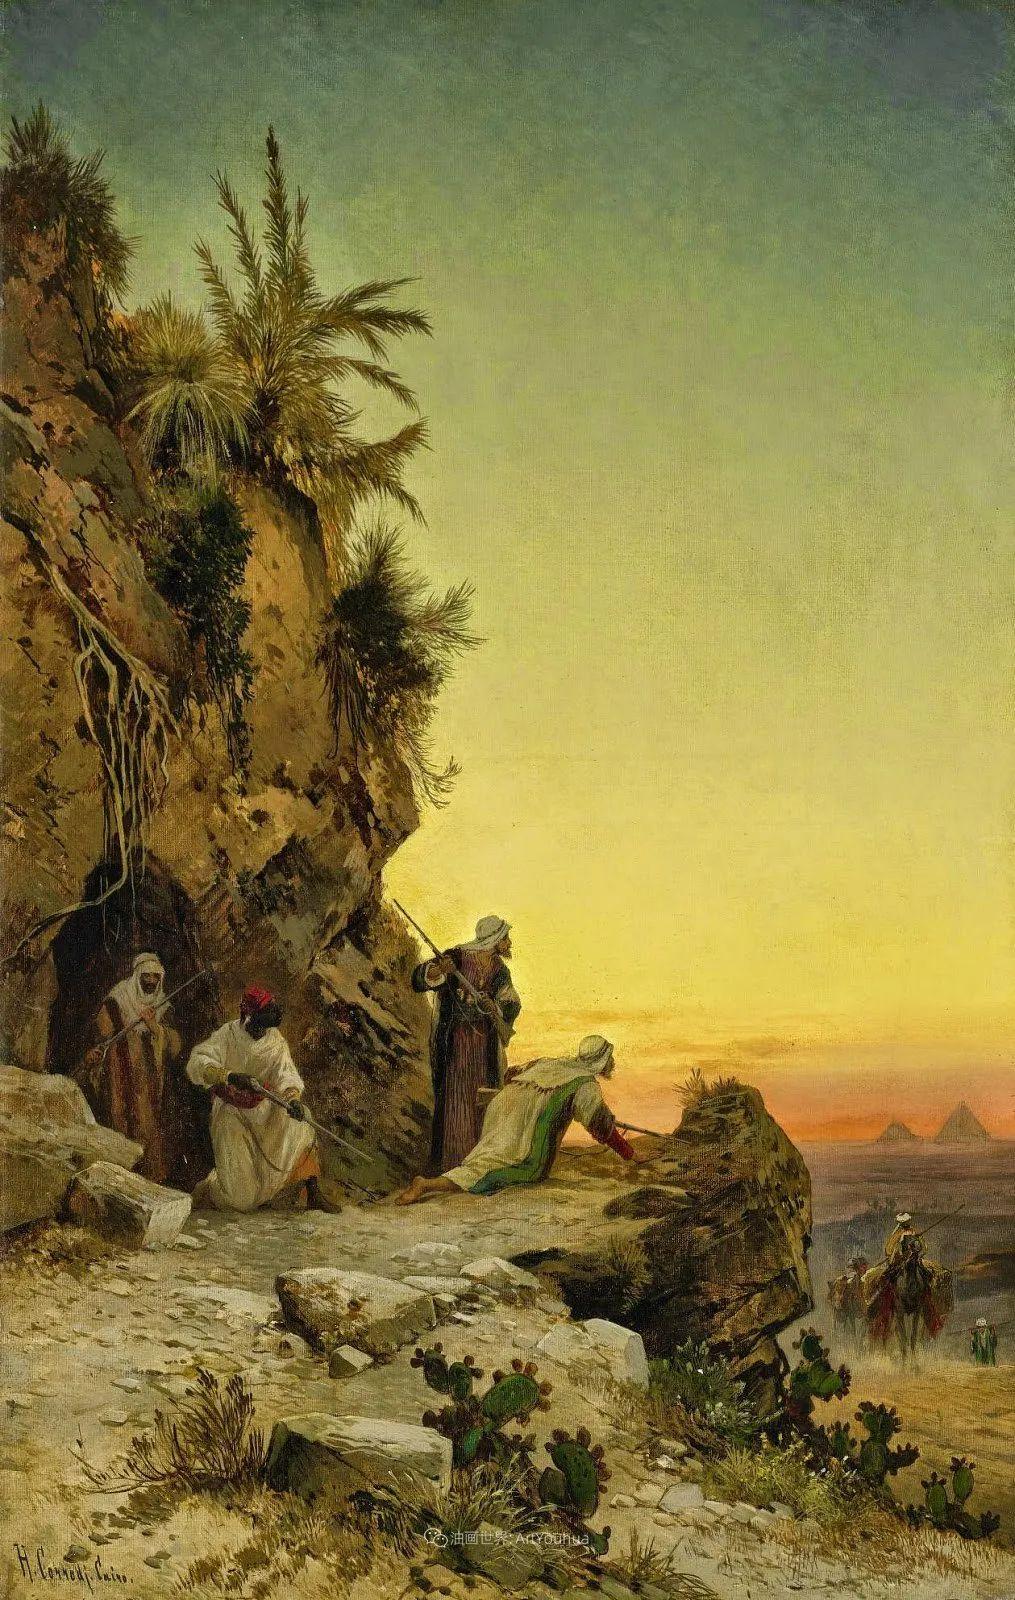 百年前的巨幅风景画,恢弘壮丽!插图71